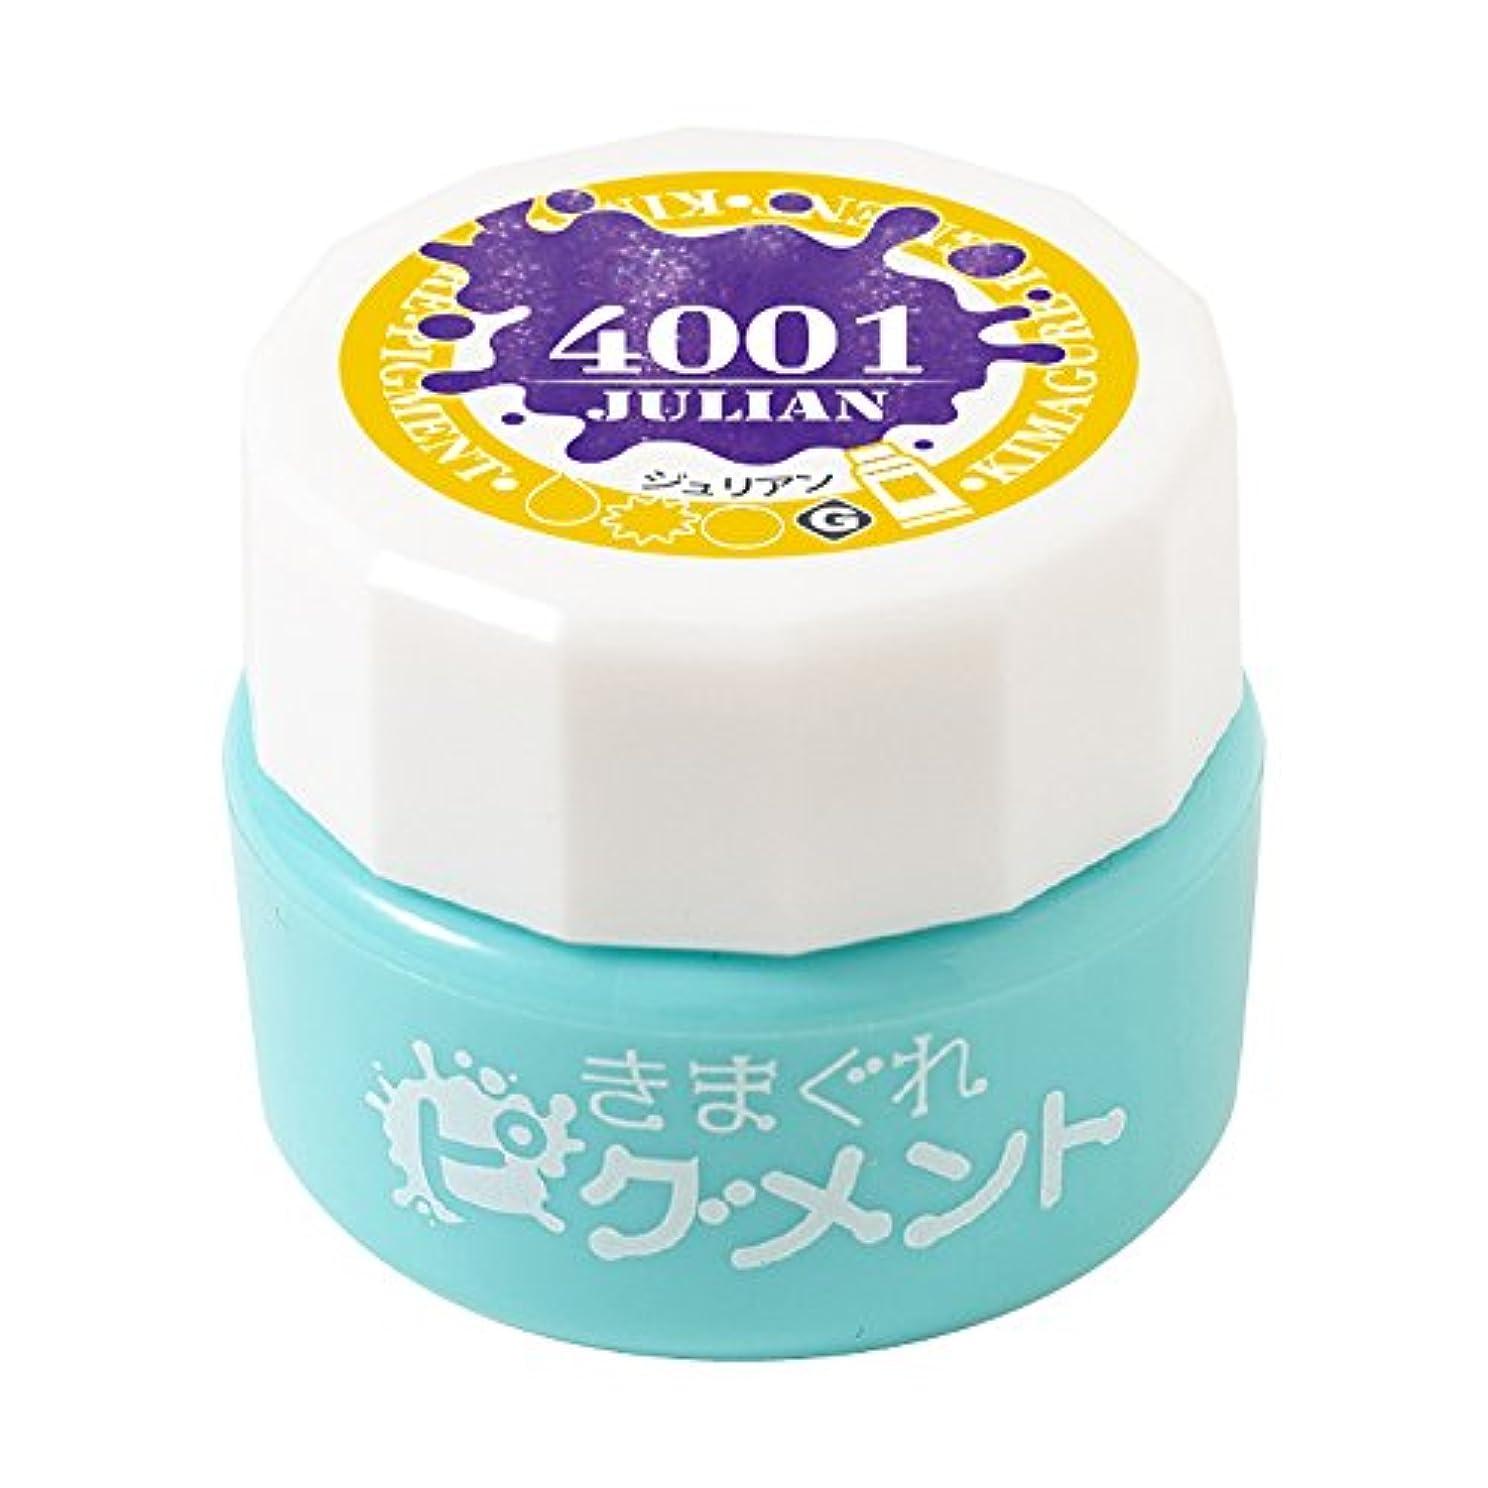 解放する殺します必需品Bettygel きまぐれピグメント ジュリアン QYJ-4001 4g UV/LED対応